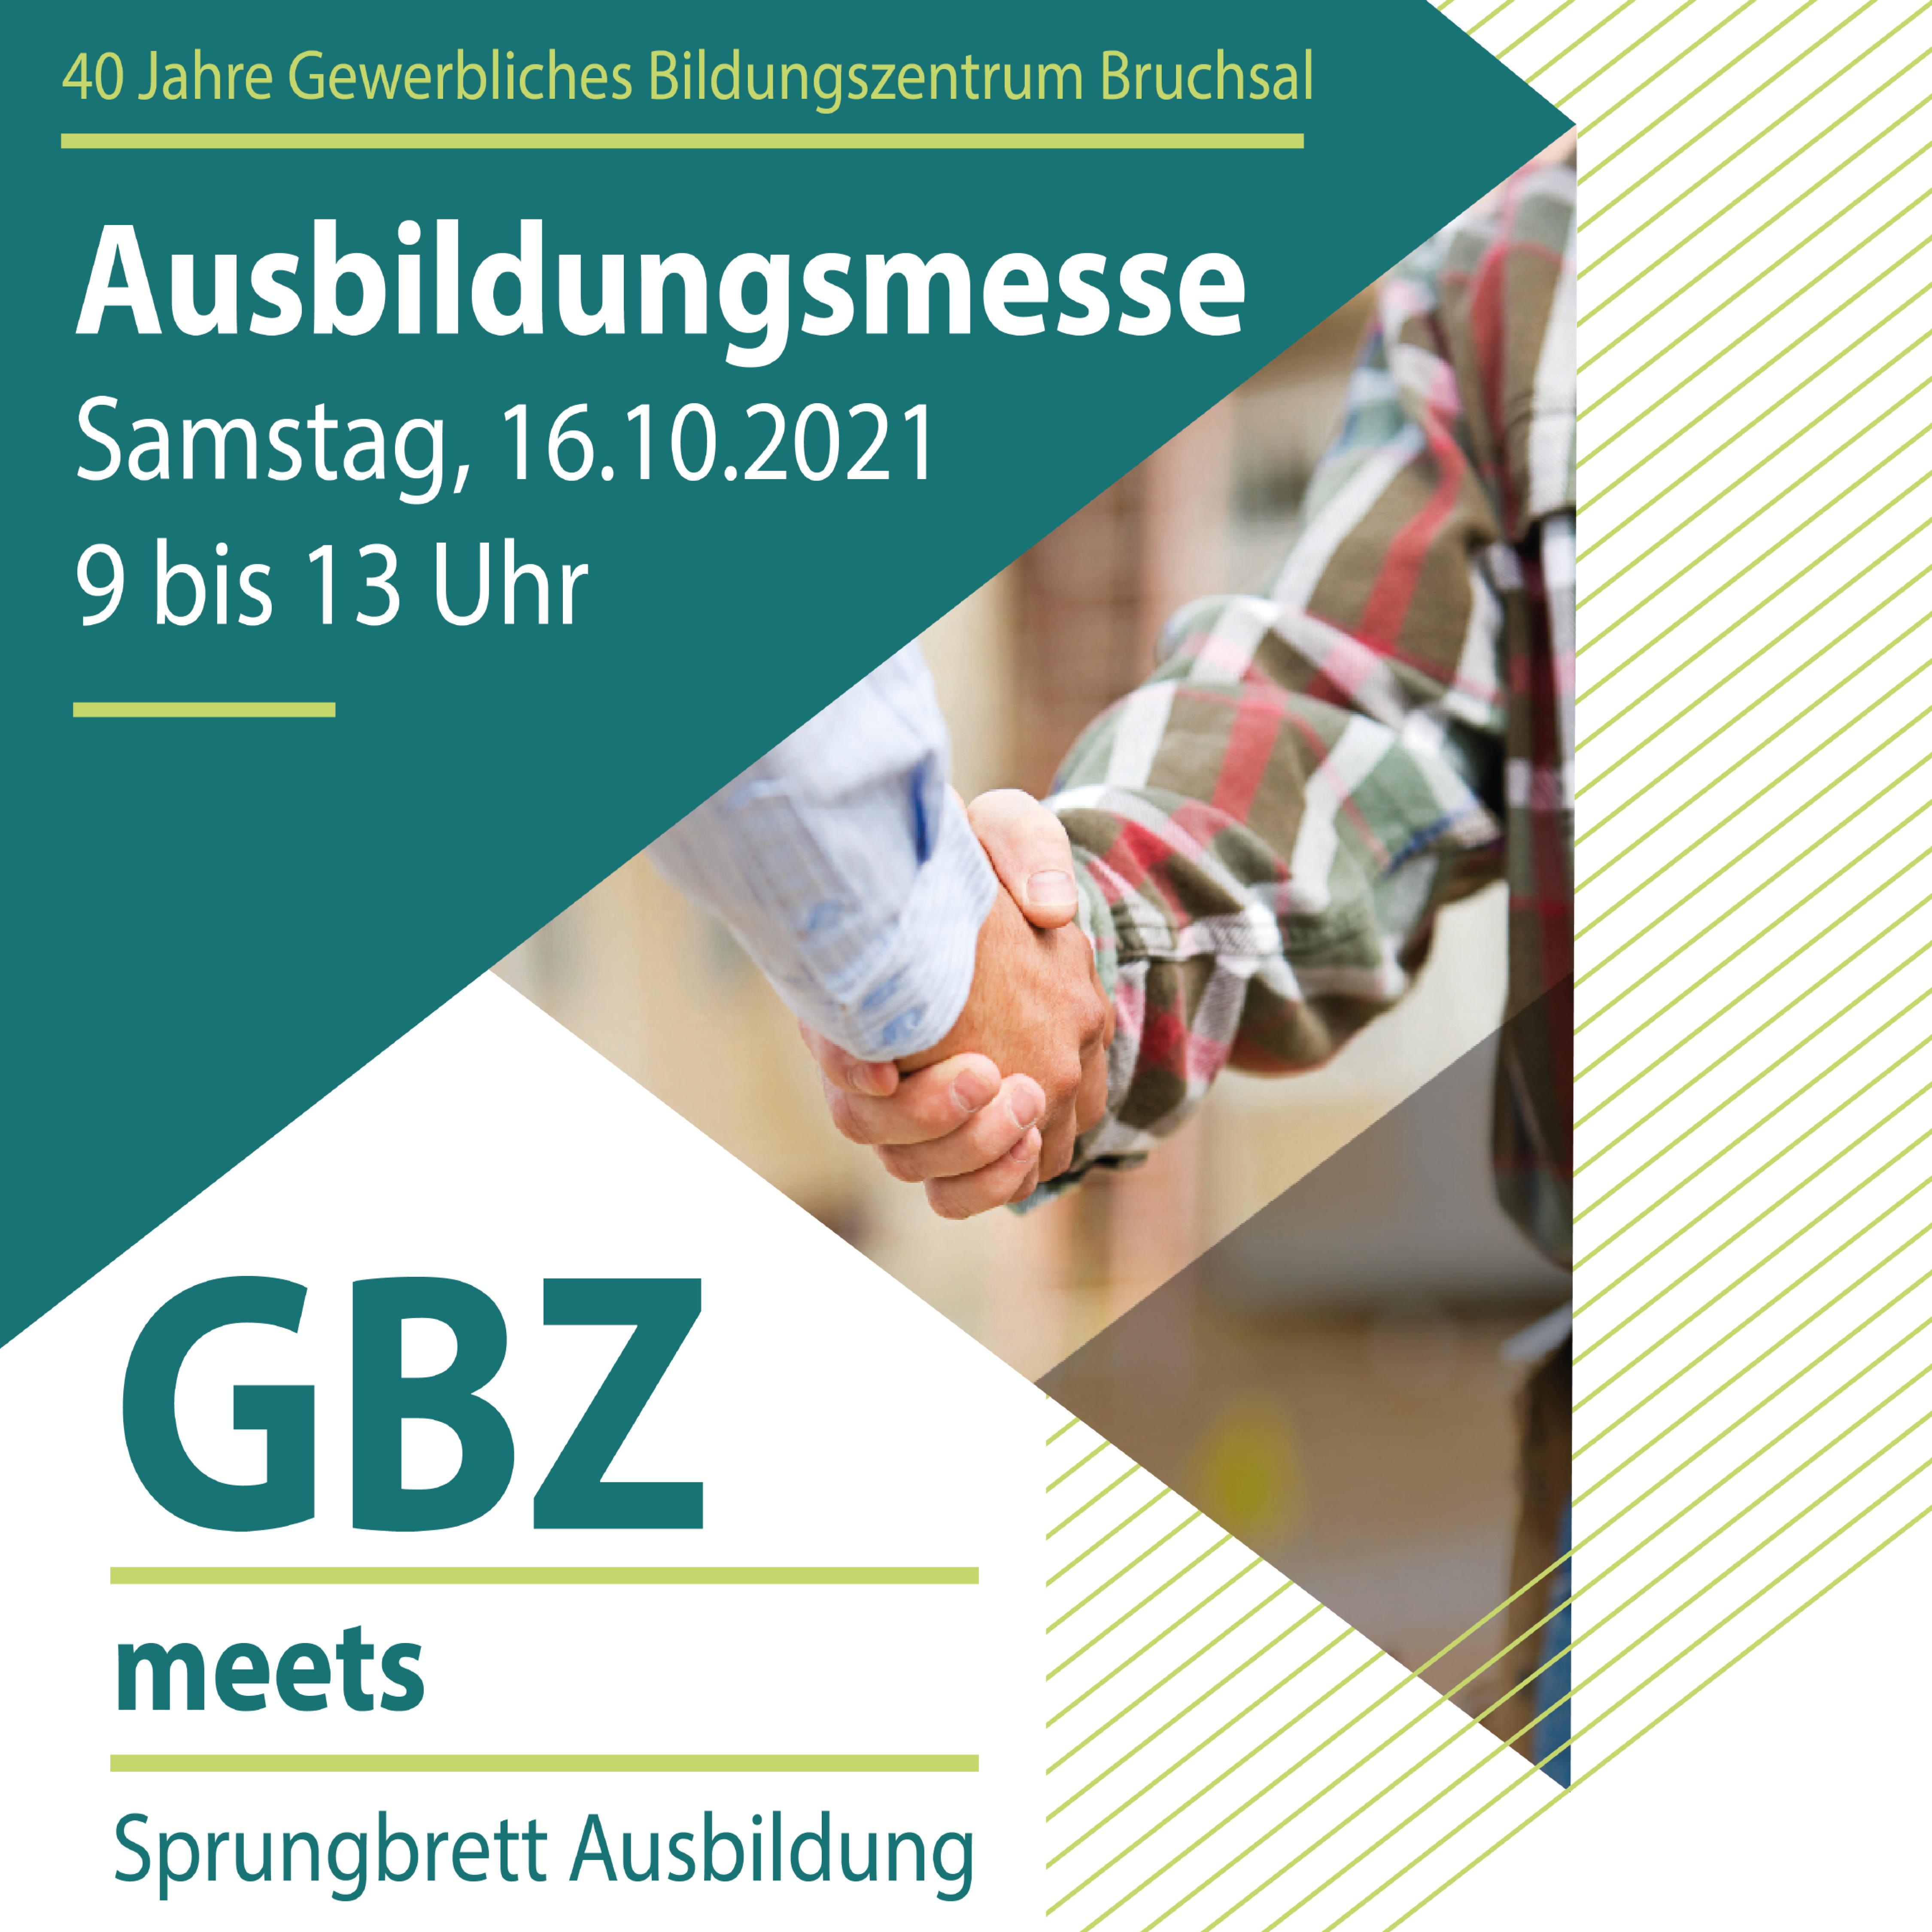 You are currently viewing Ausbildungsmesse GBZ meets Sprungbrett Ausbildung